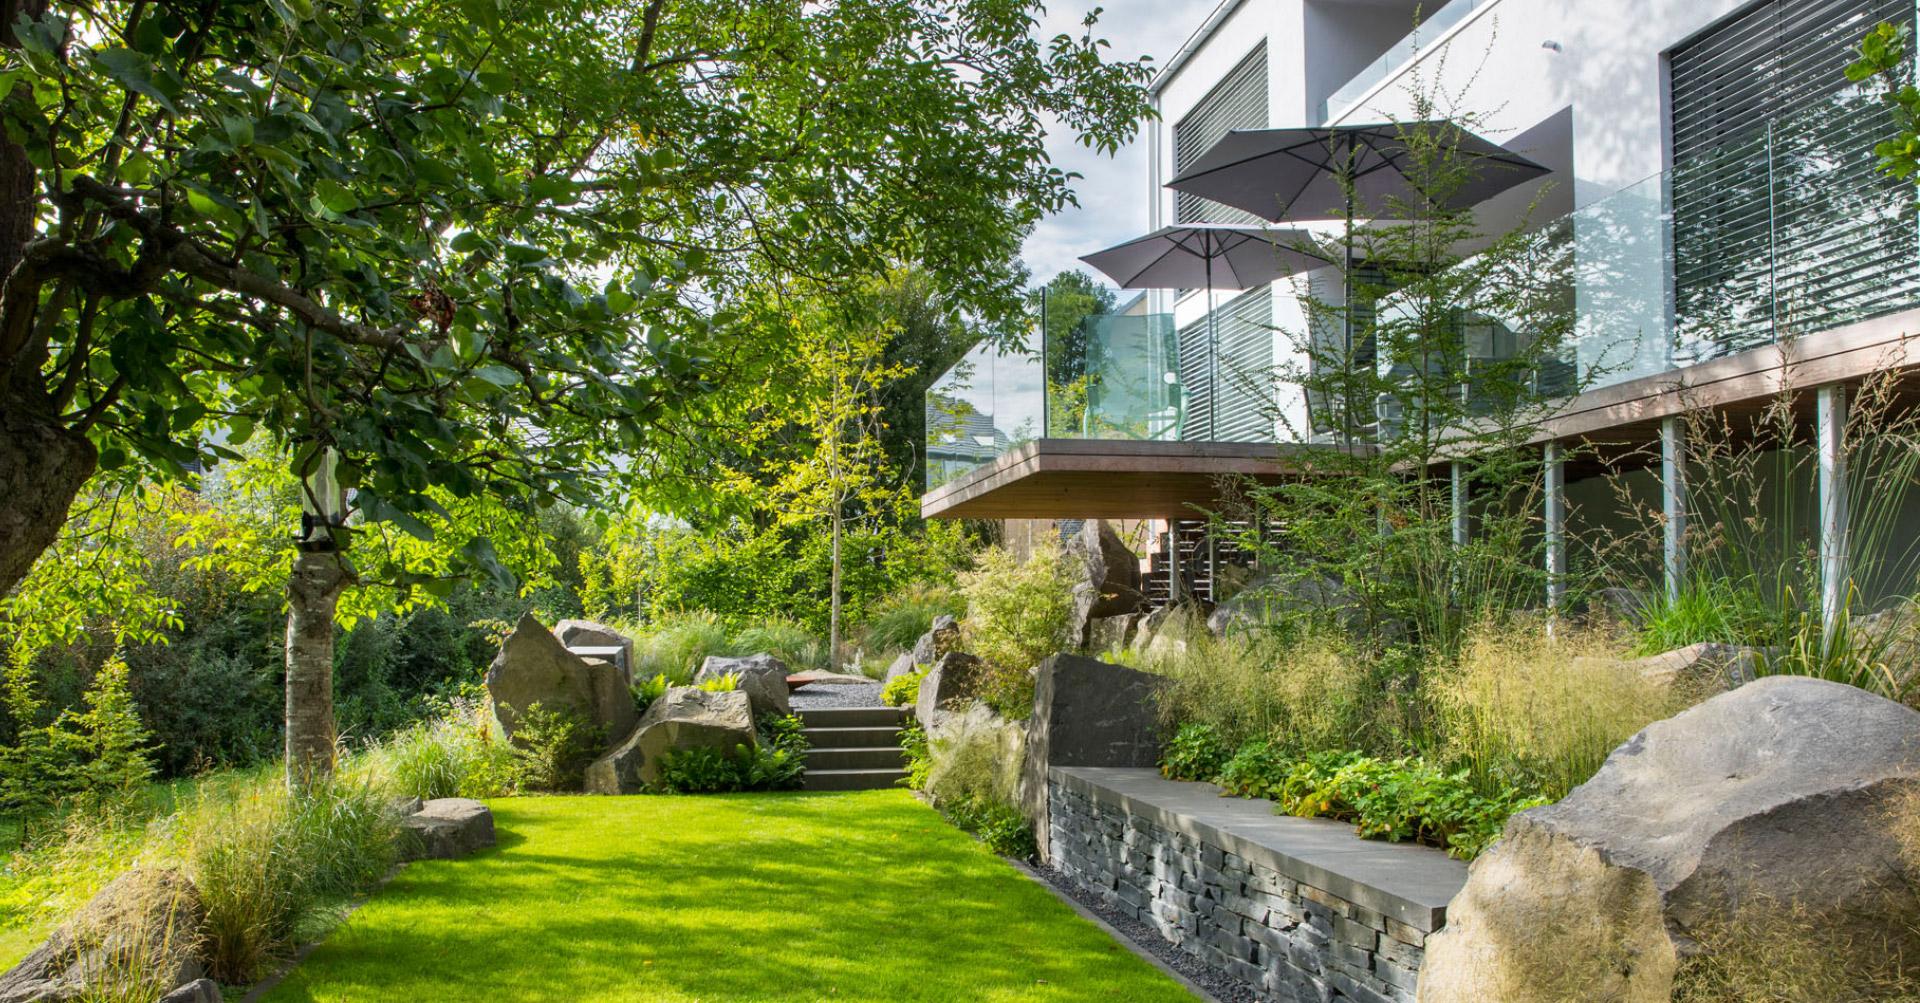 Moderner Garten mit Hochbeeten, gepflegtem Rasen und großem Balkon